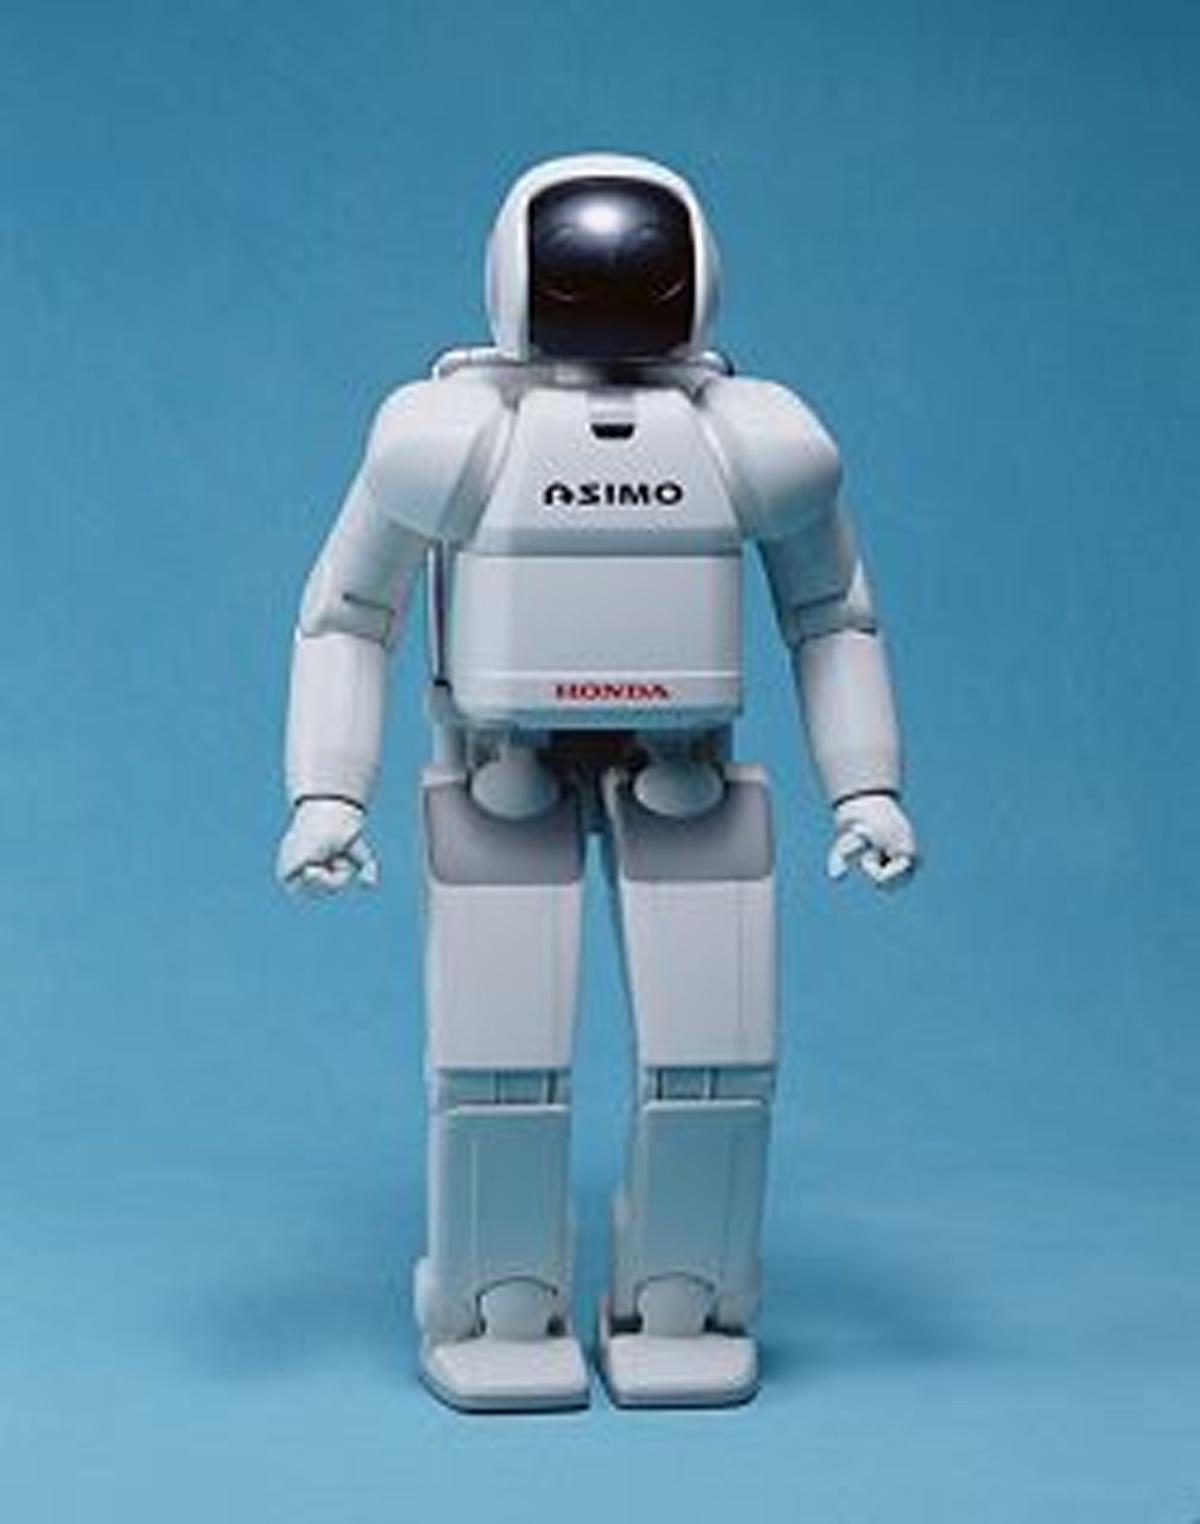 robotok kereskedése idegi hálózaton)